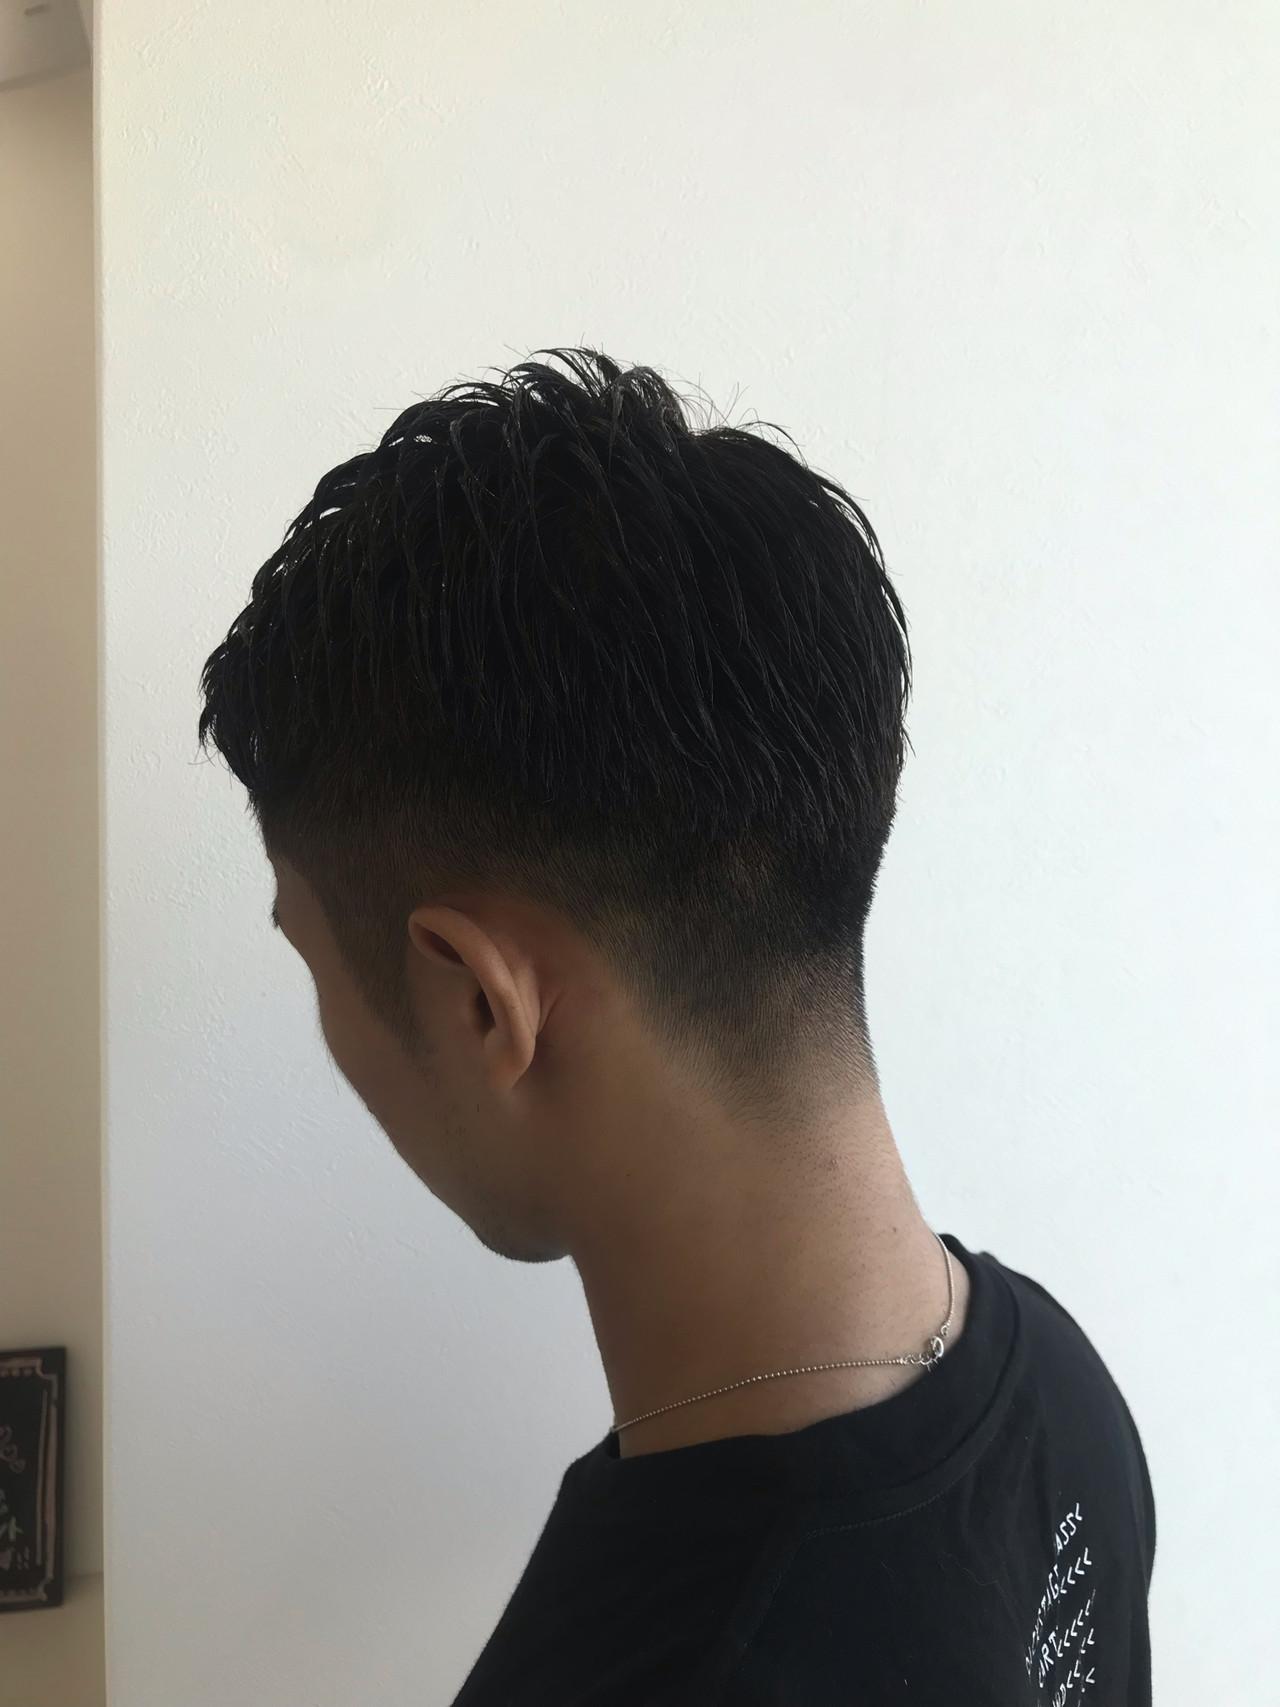 メンズカット メンズスタイル ショート メンズヘアヘアスタイルや髪型の写真・画像